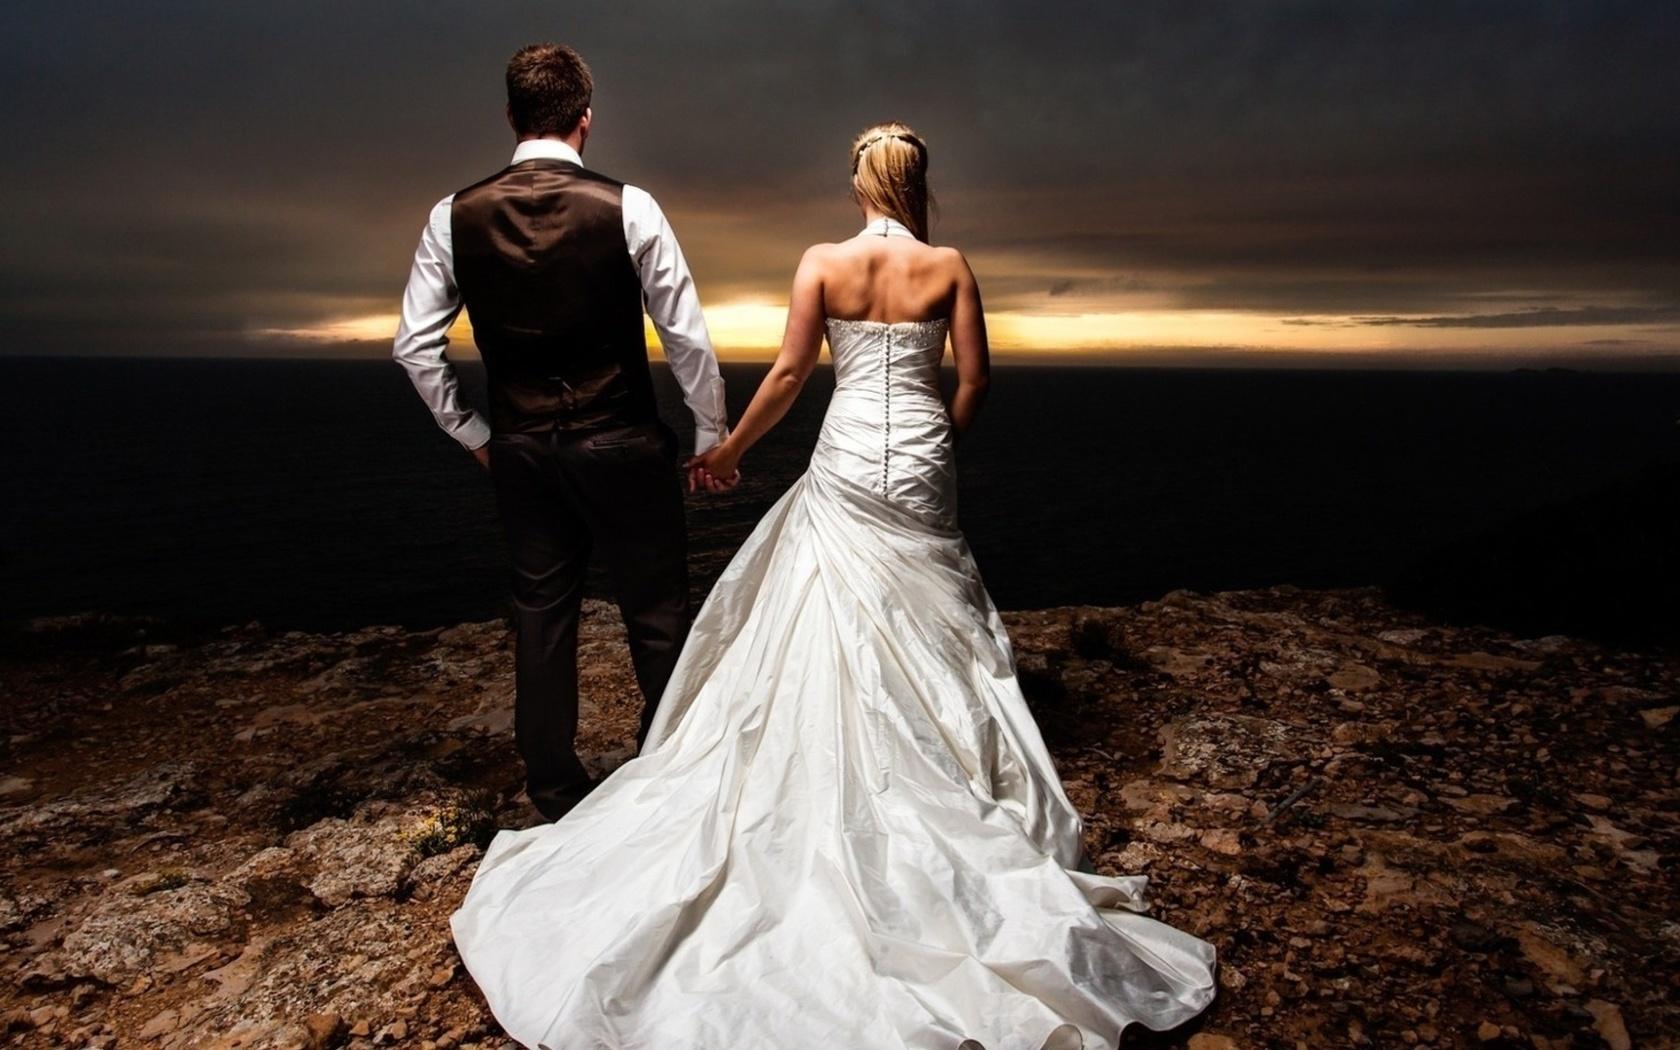 свадьба обои и картинки на рабочий этого конце первого